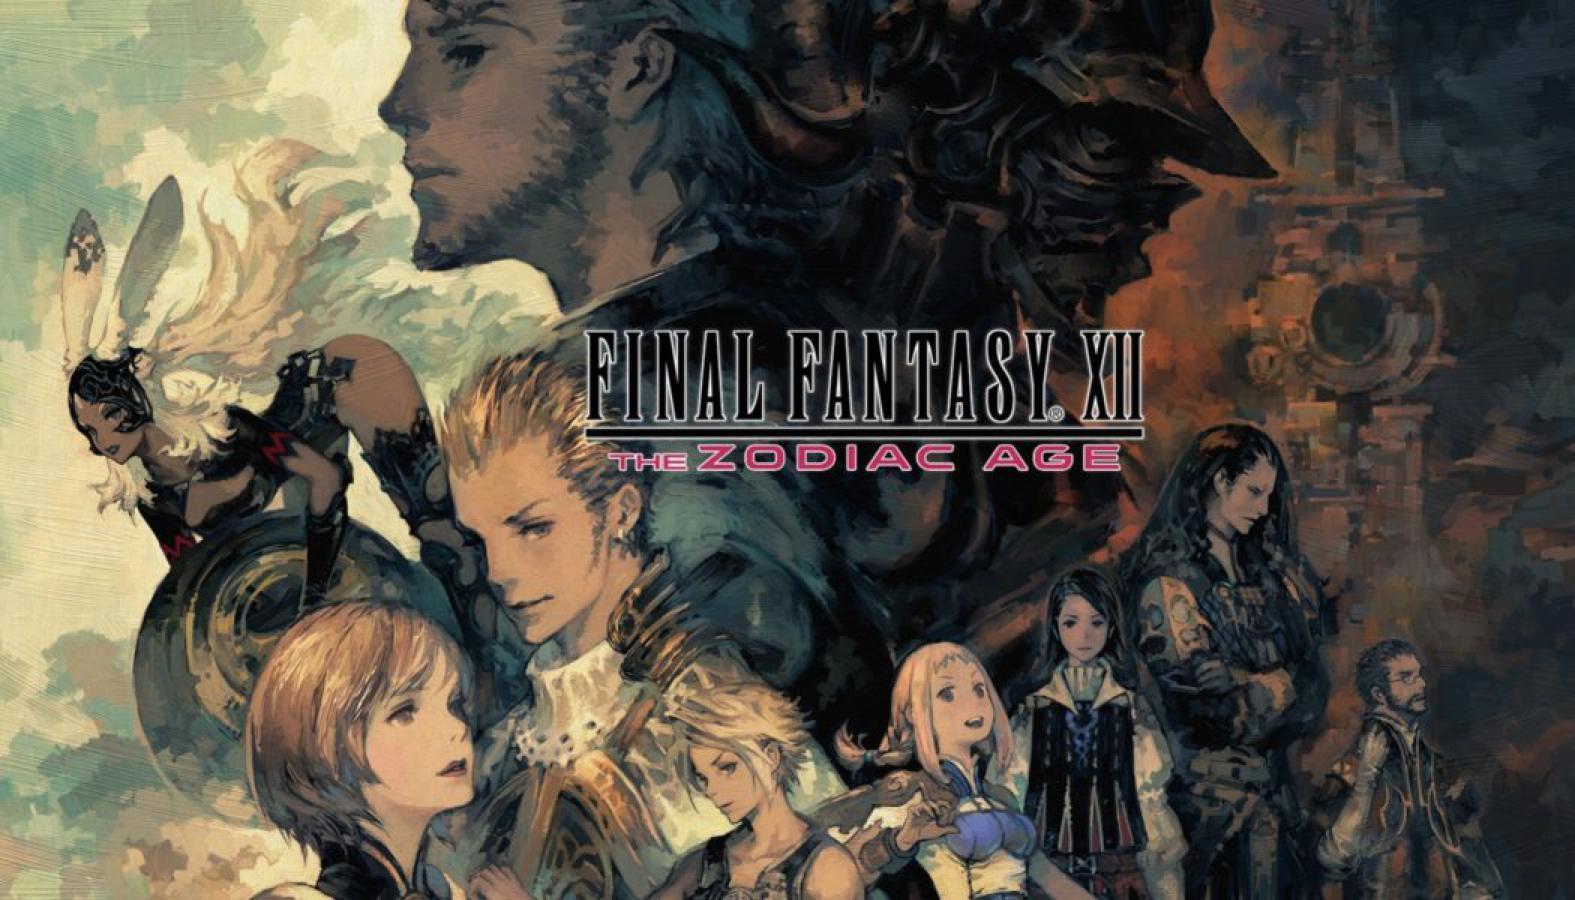 Final Fantasy XII - The Zodiac Age für die Playstation 4